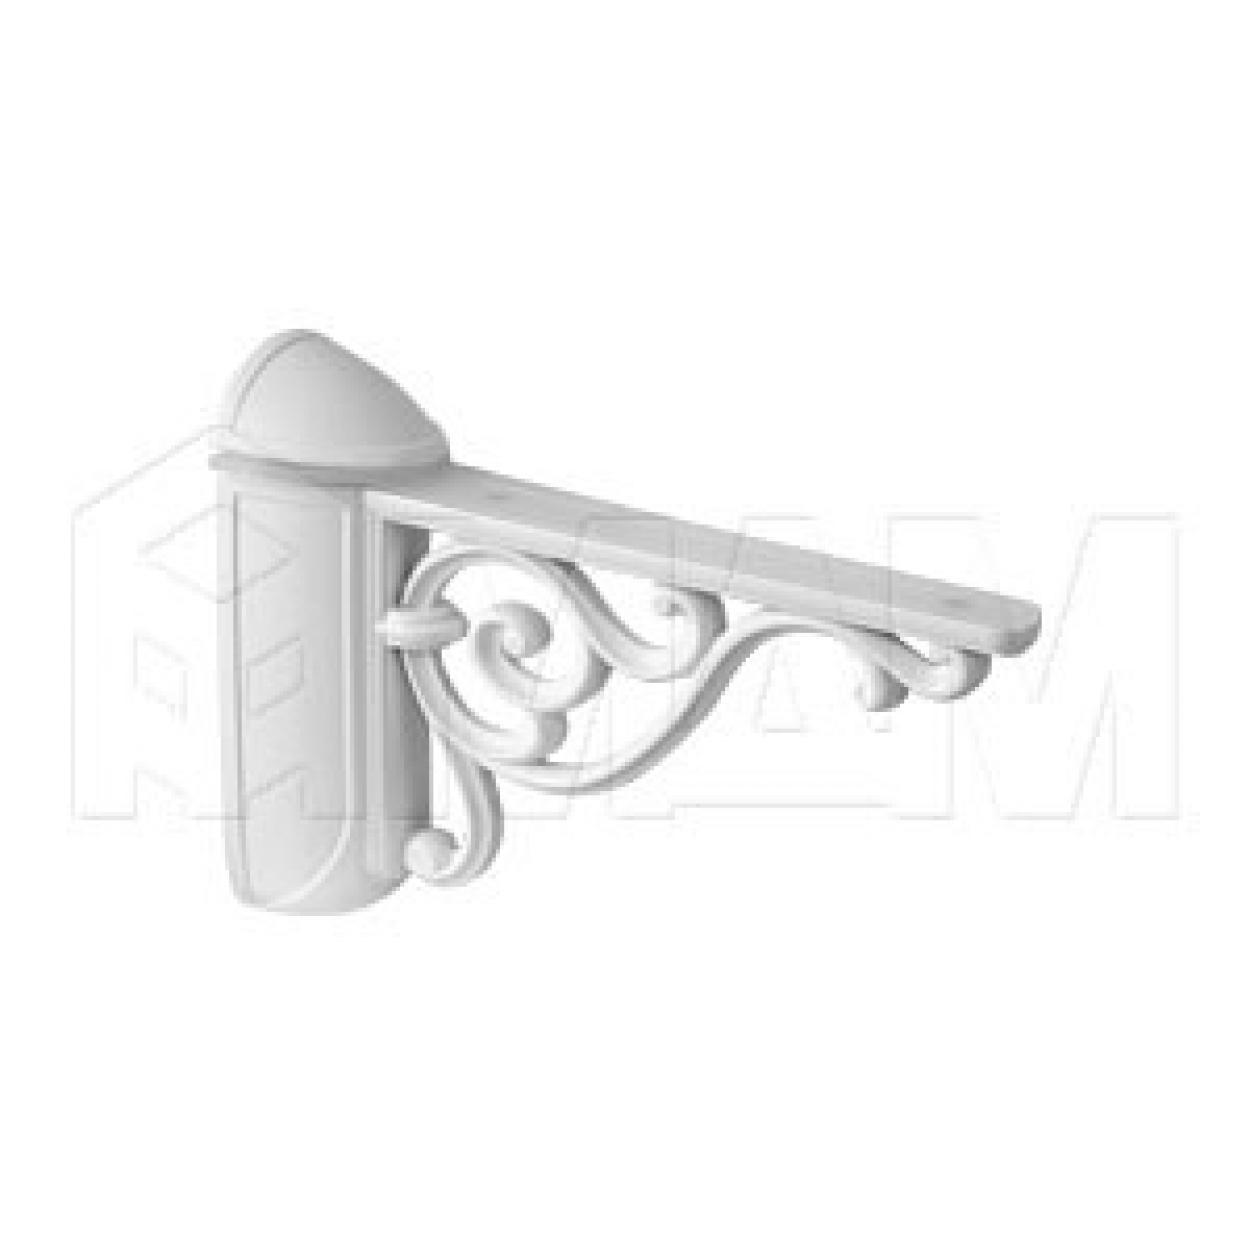 VENICE Менсолодержатель для деревянных и стеклянных полок 4 - 40 мм, L-125 мм, белый матовый